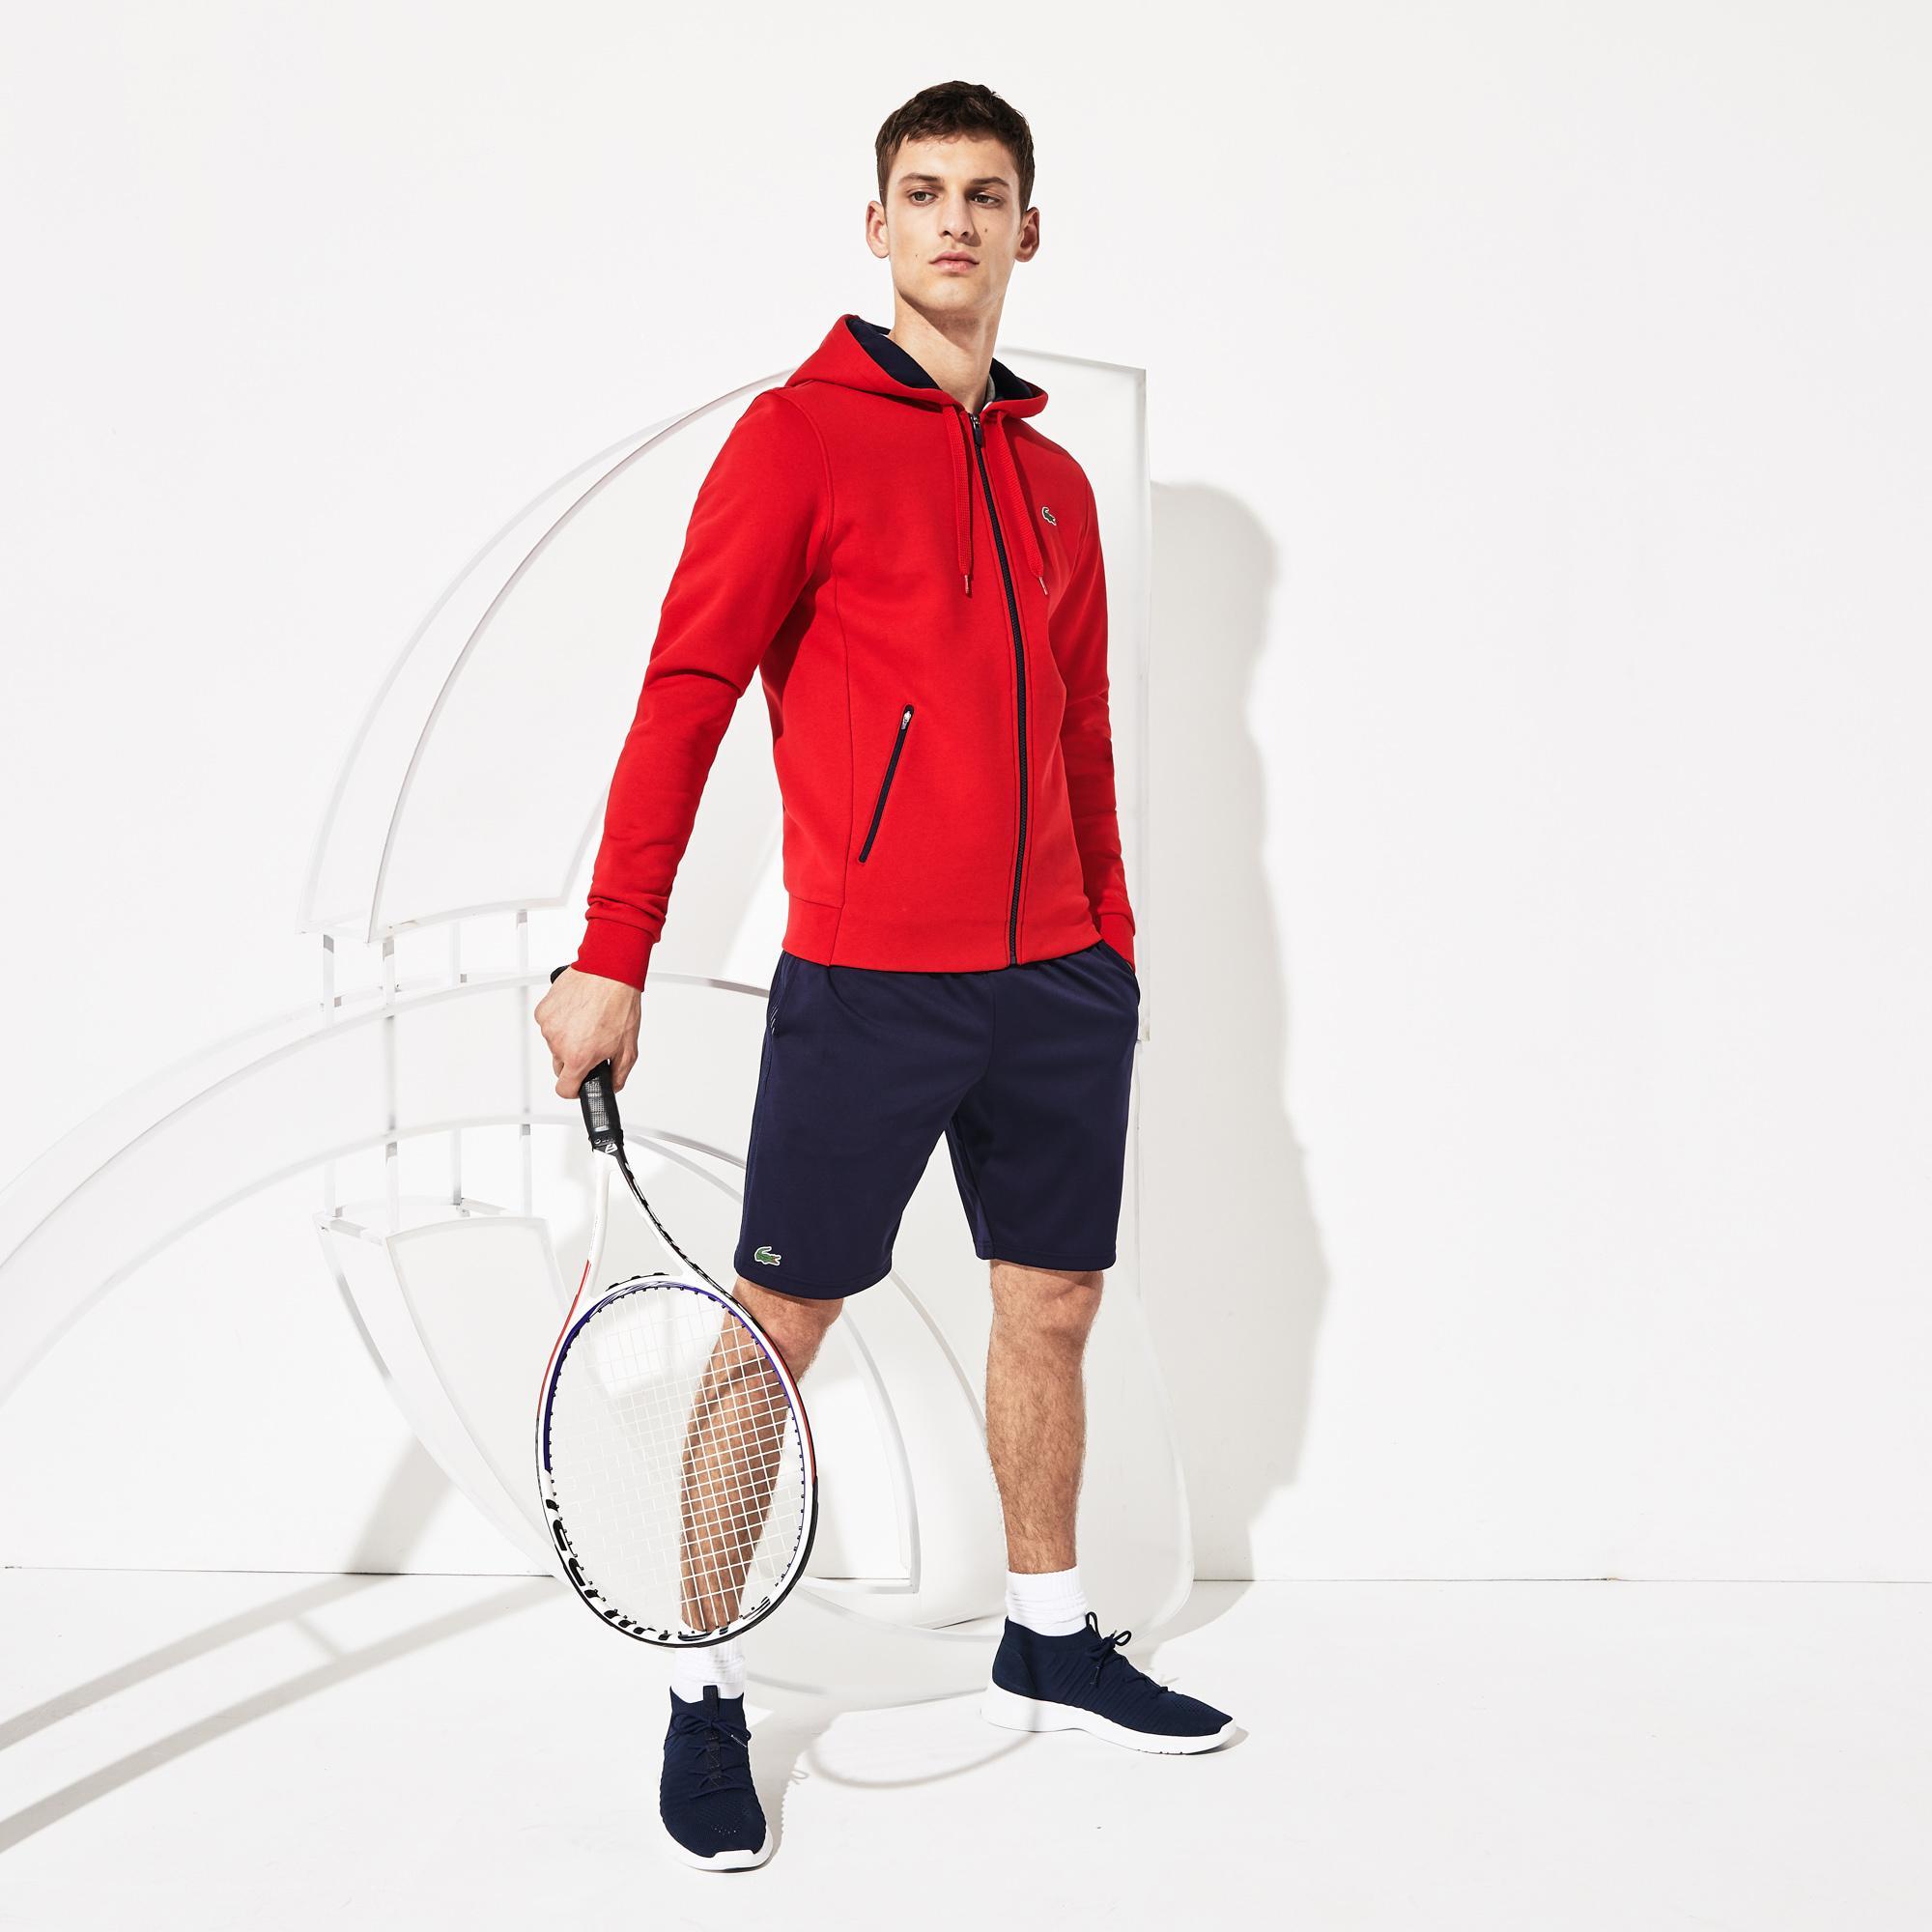 Lacoste Novak Djokovic Erkek Baskılı Kapüşonlu Kırmızı Sweatshirt